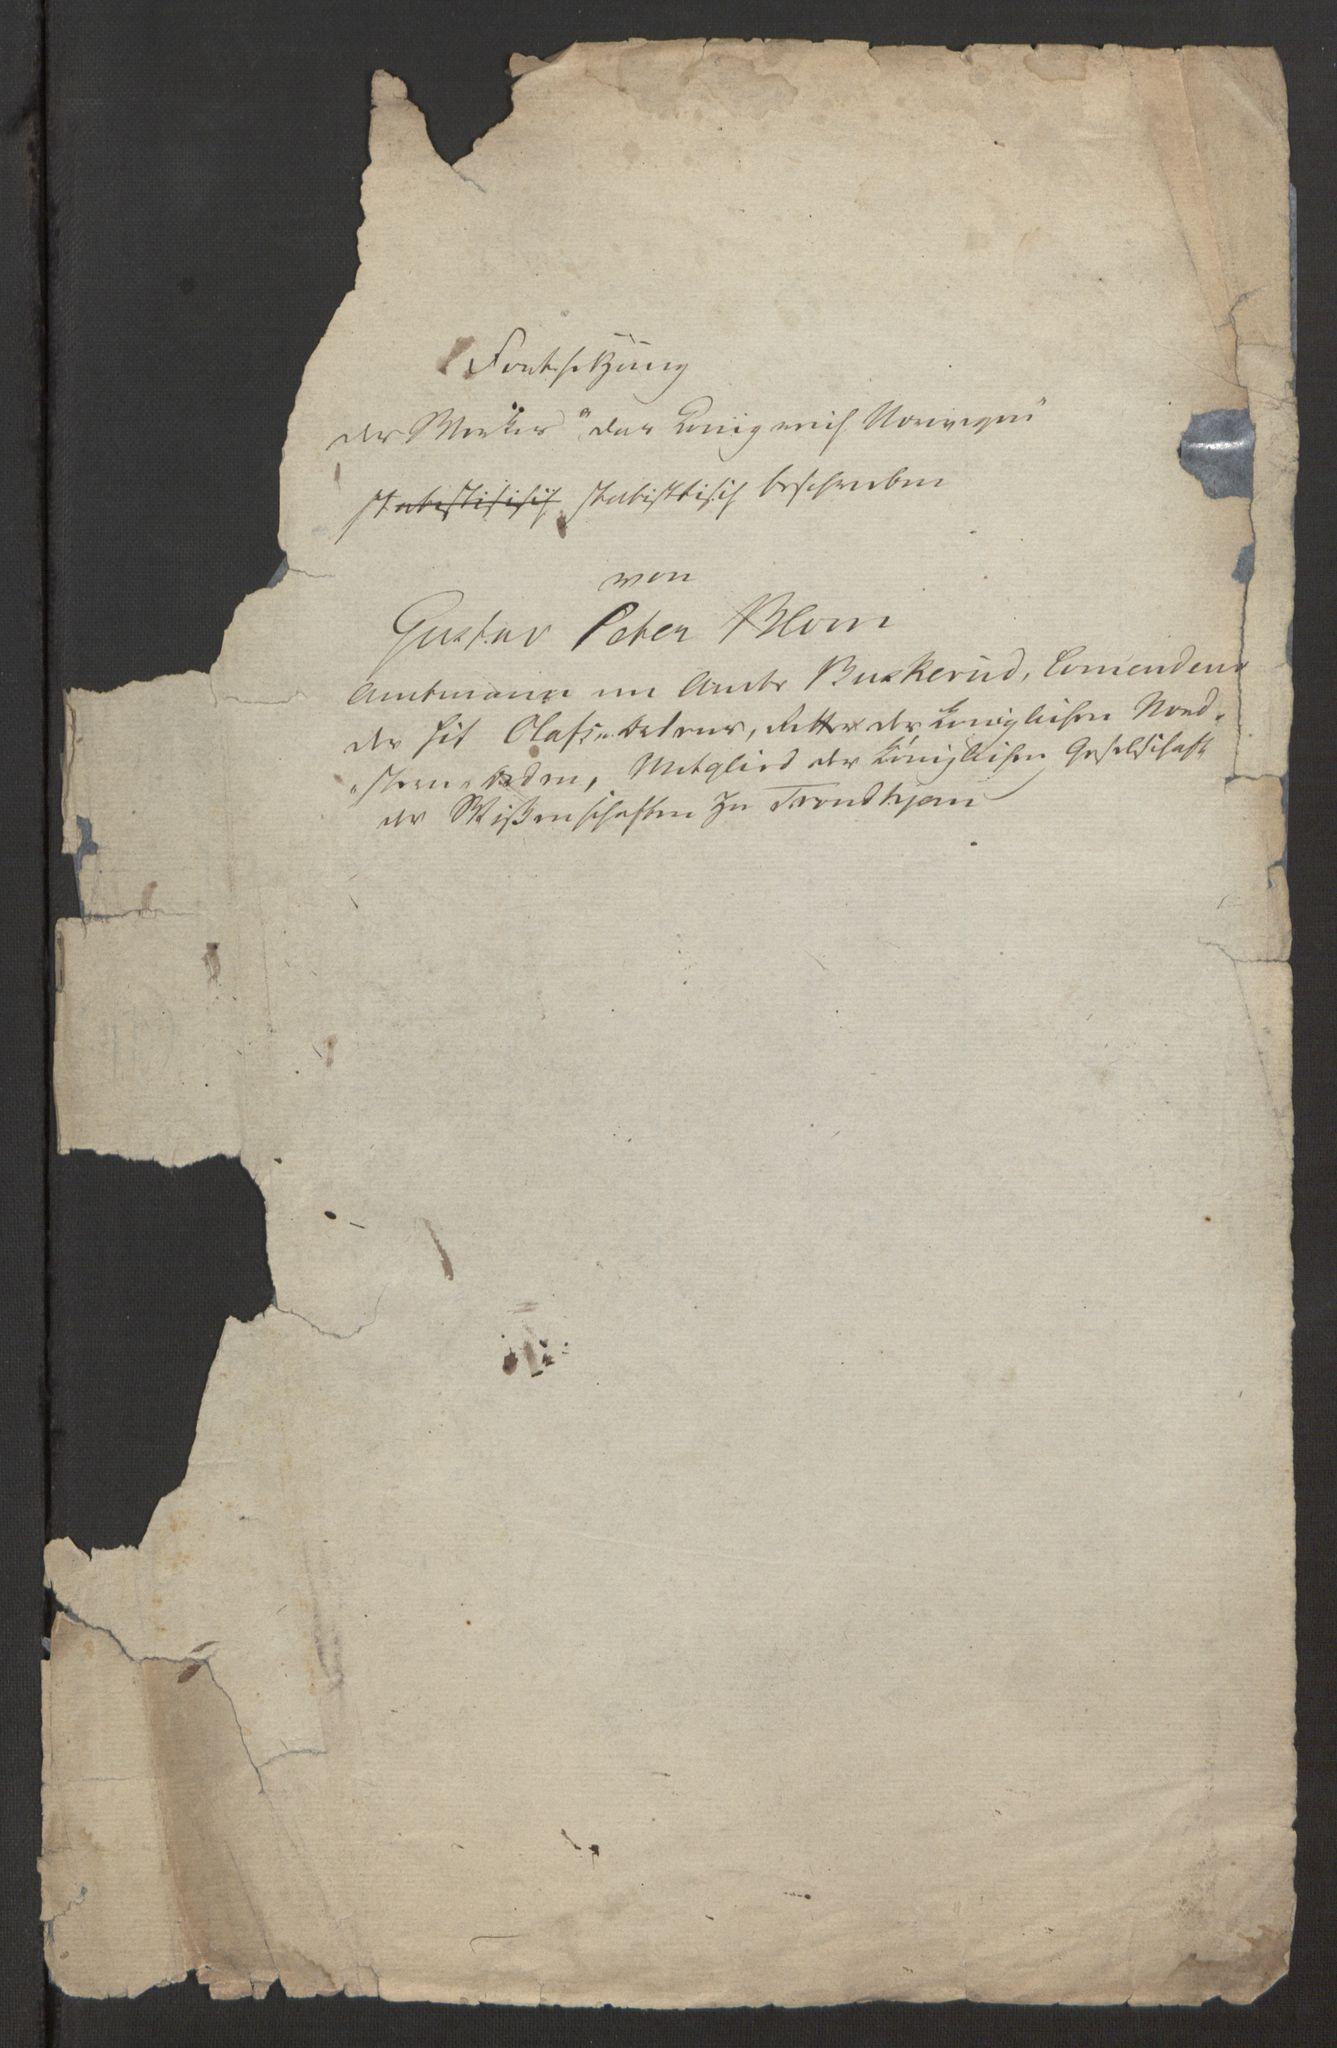 RA, Blom, Gustav Peter, F/L0001: Brev og manuskripter, 1814, s. 3